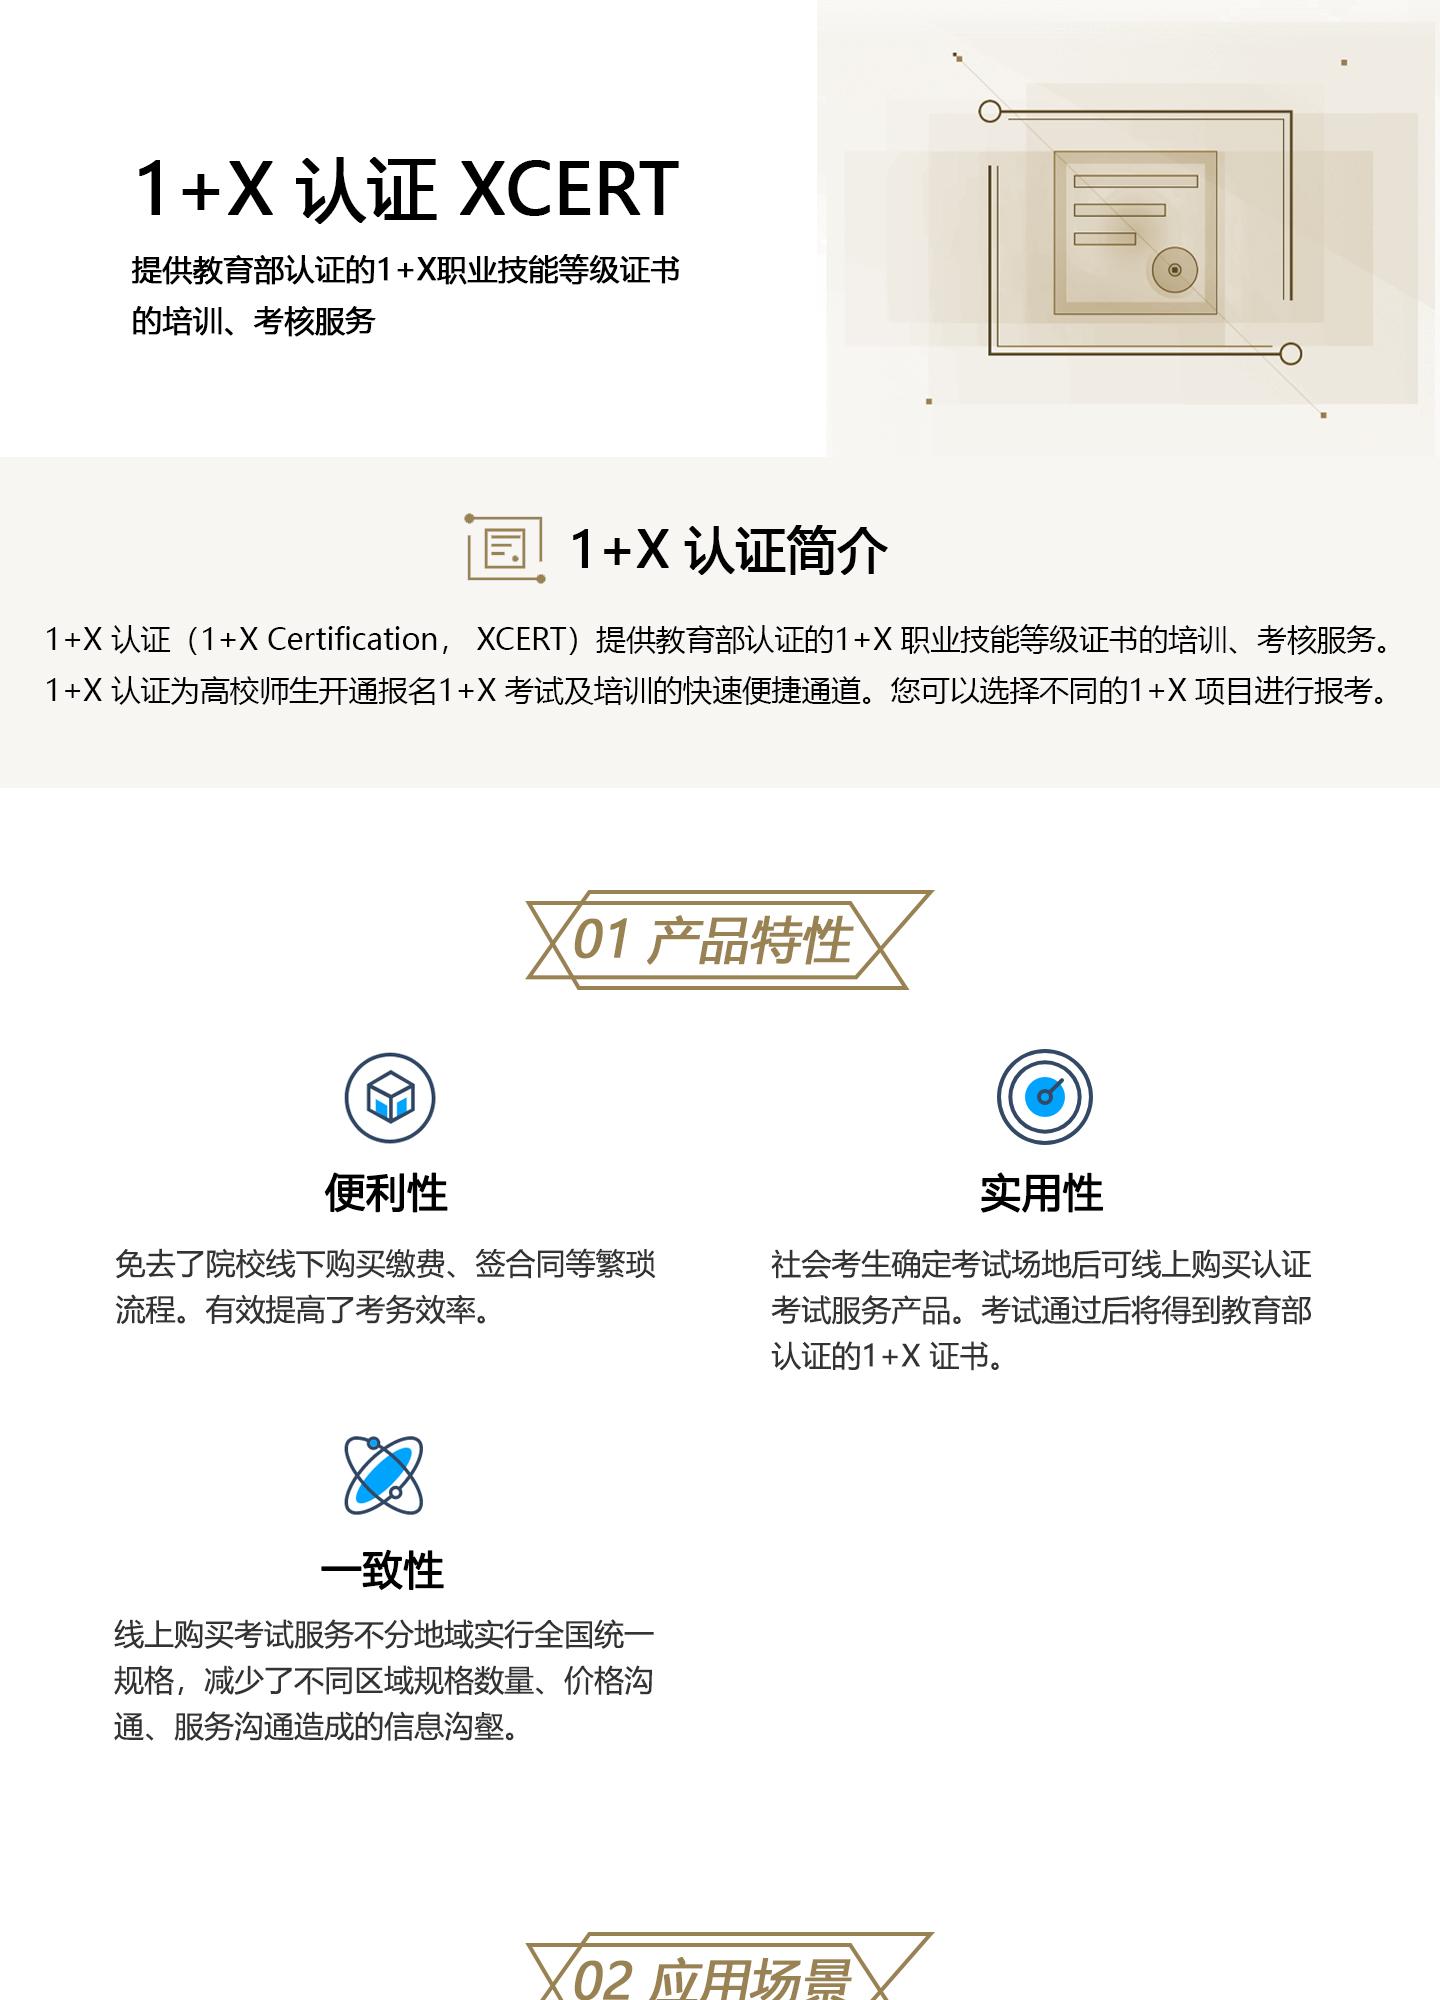 1+X-认证-XCERT1440_01.jpg